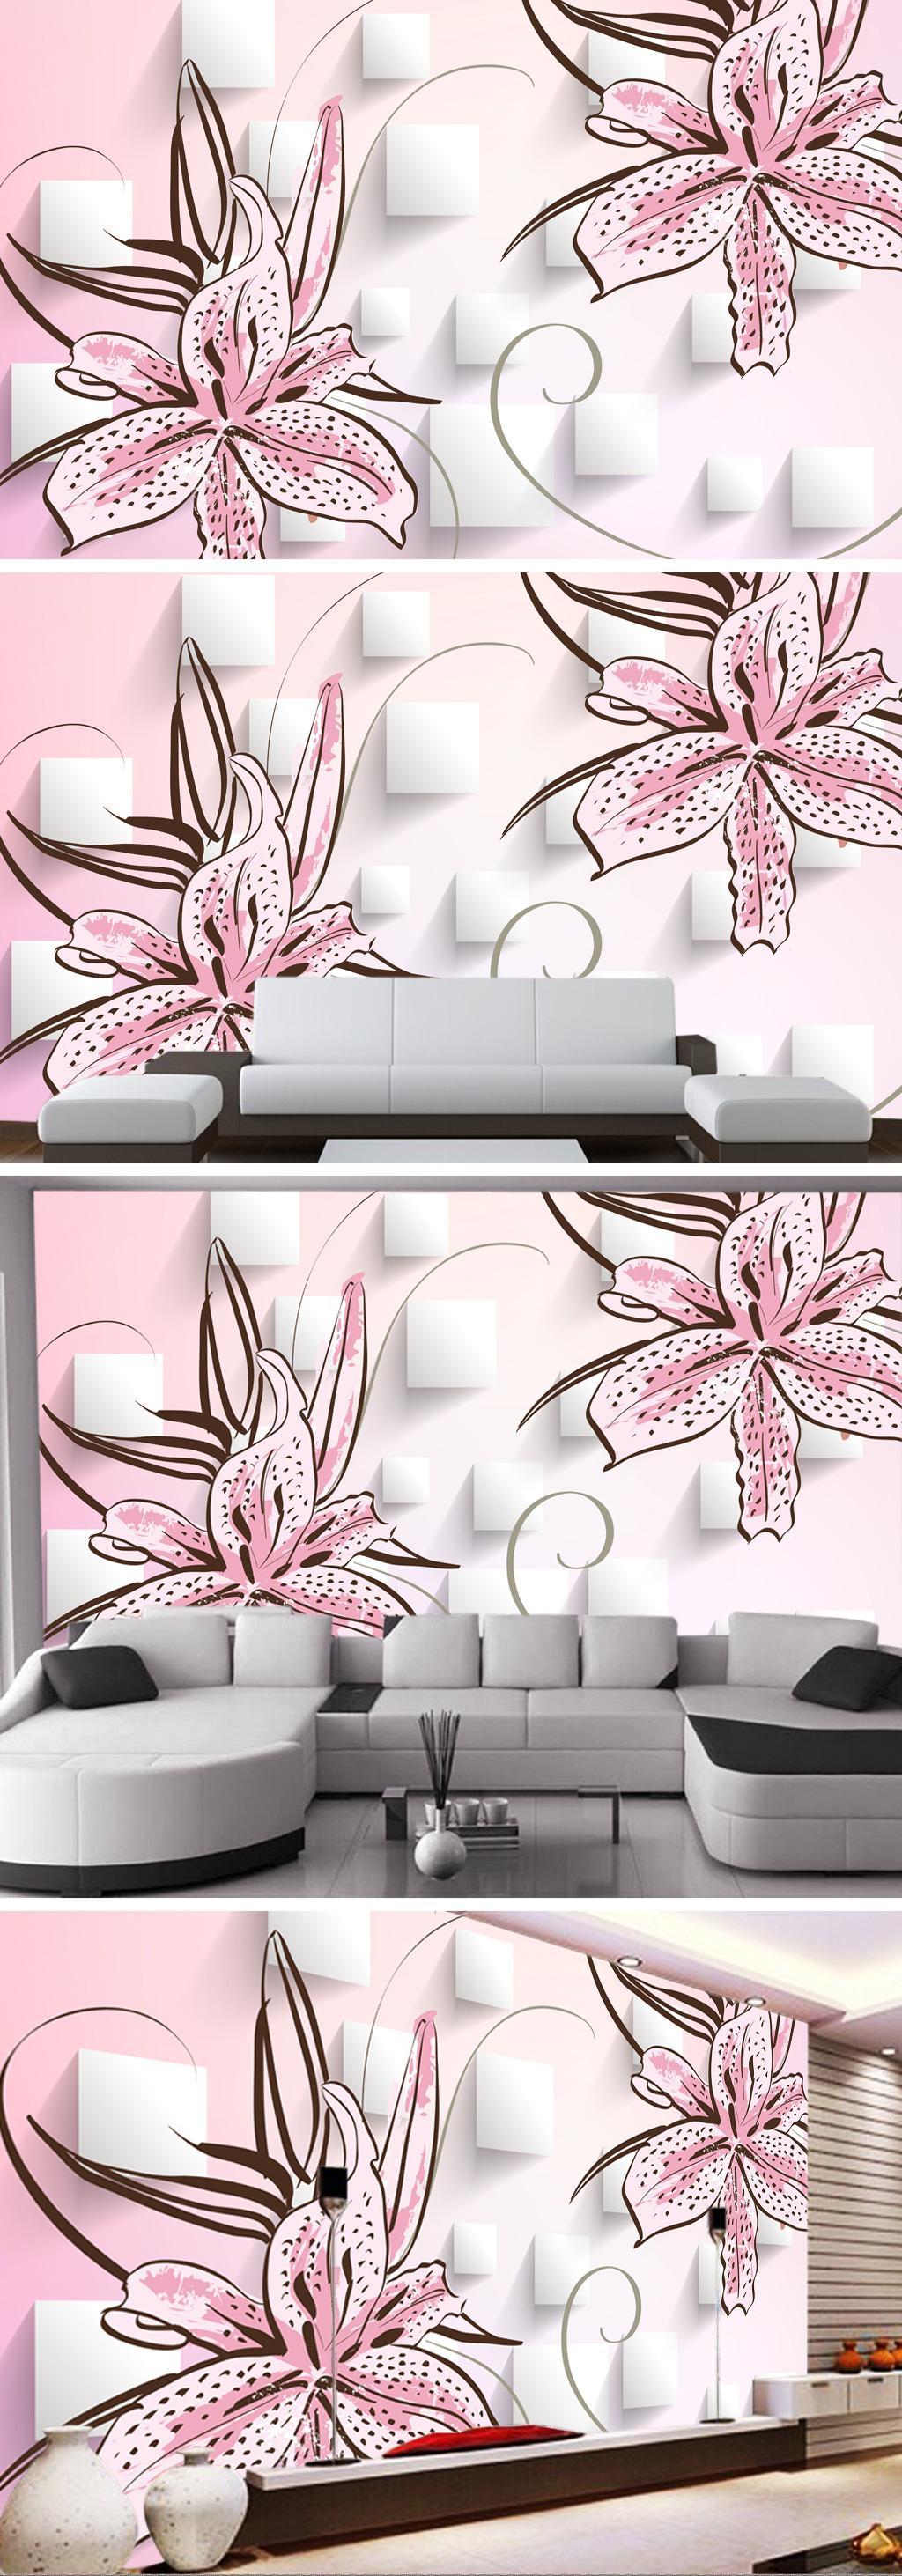 手绘百合花3d电视背景墙装饰画